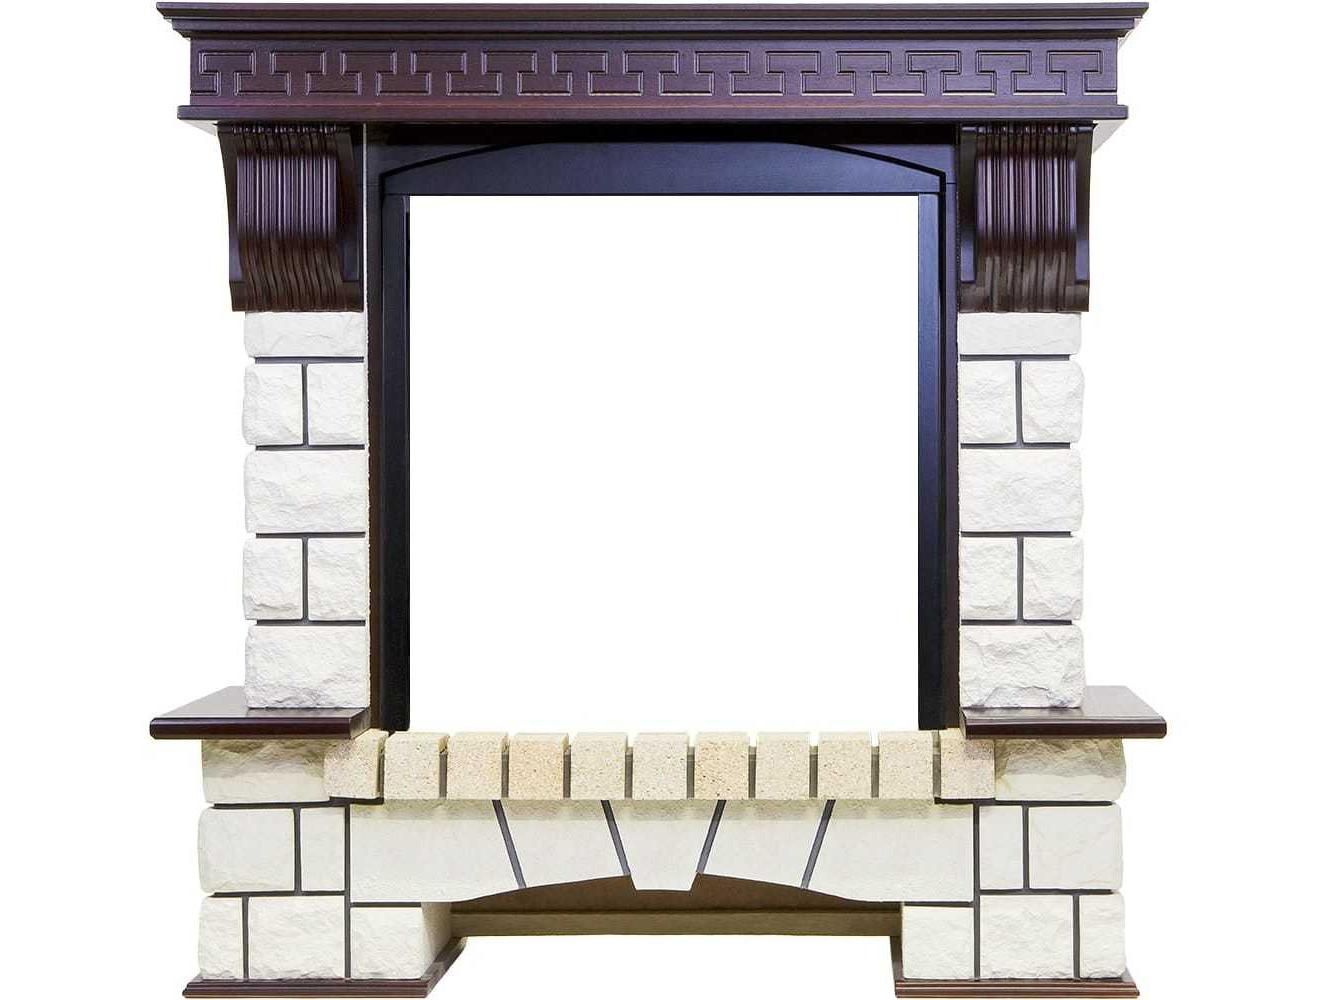 Портал Pierre LuxeКамины, порталы и очаги<br>Портал Pierre Luxe, выполненный под классические очаги Opti-myst — это классическое решение, которое элегантно вписывается как в интерьер любой современной квартиры, так и в обстановку шикарного загородного дома.&amp;lt;div&amp;gt;&amp;lt;br&amp;gt;&amp;lt;/div&amp;gt;&amp;lt;div&amp;gt;Материал: МДФ, натуральный шпон, гипс&amp;lt;/div&amp;gt;<br><br>Material: МДФ<br>Ширина см: 101.0<br>Высота см: 99.0<br>Глубина см: 39.0